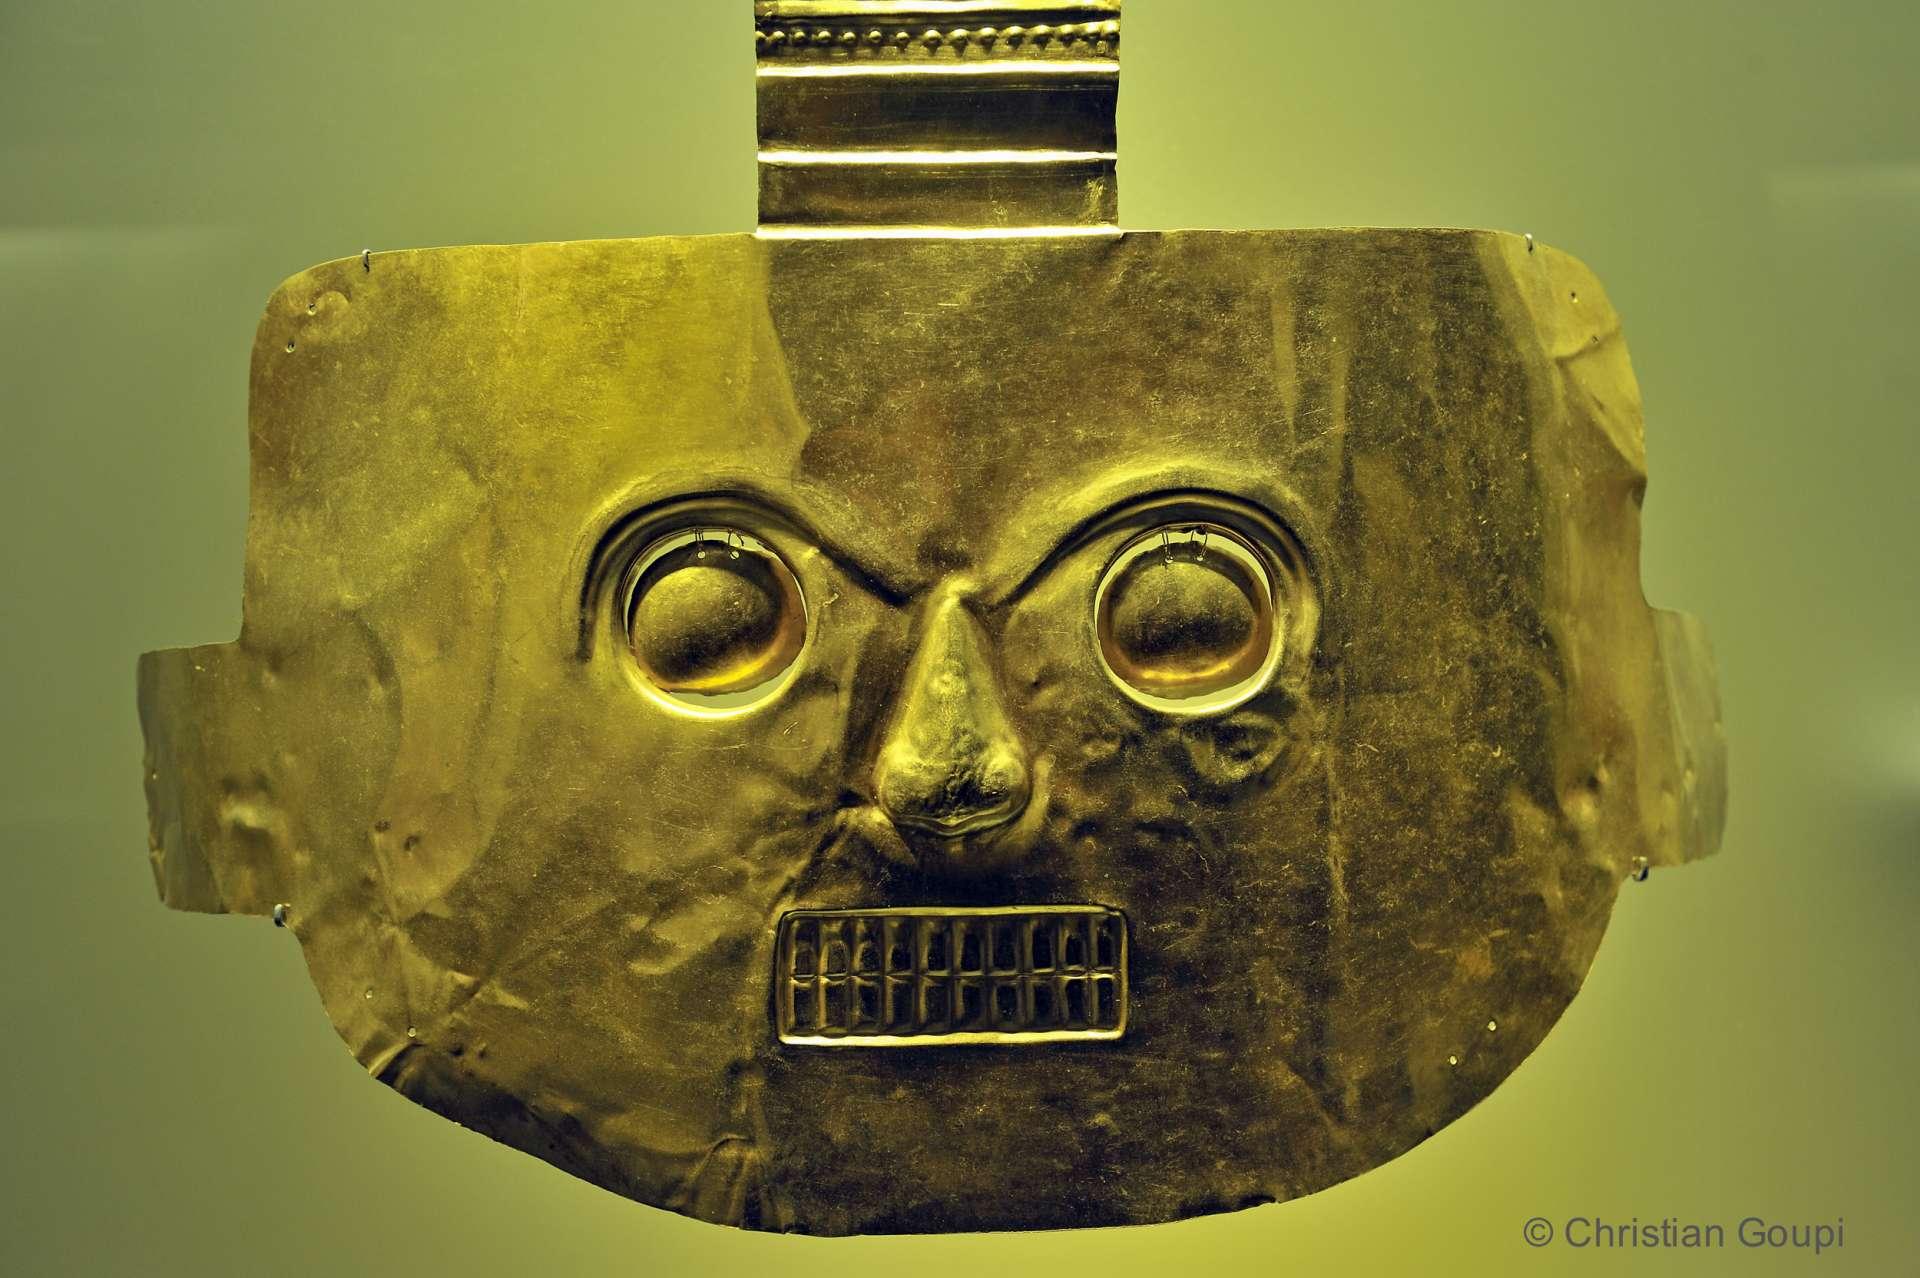 Colombie - Masque Tolima au Musée de l'or de Bogota.